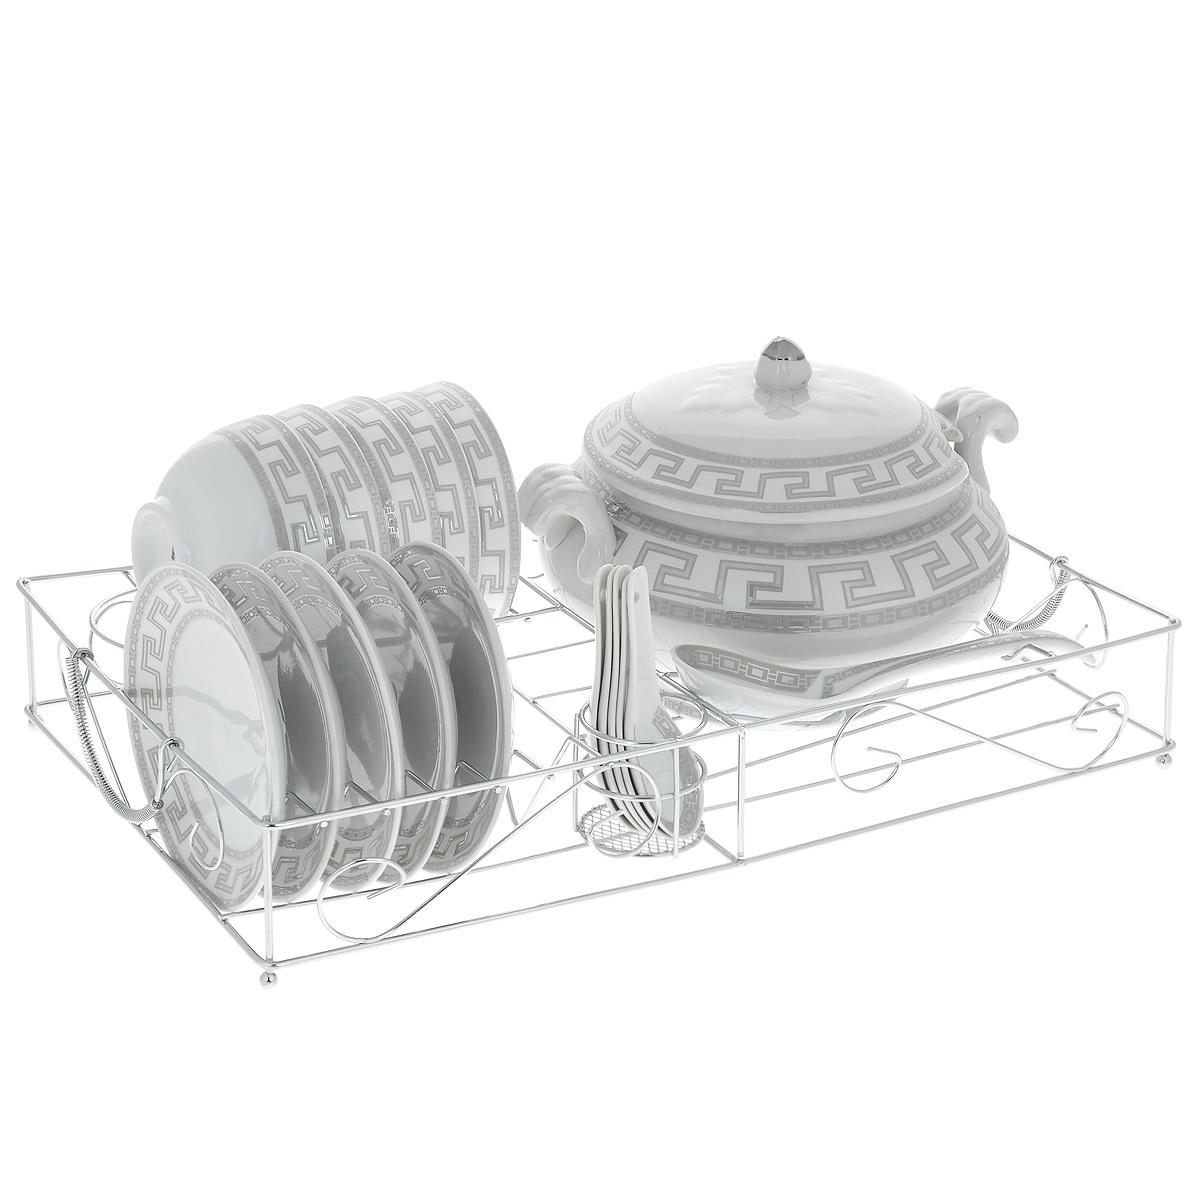 Сервиз Bekker Premium на подставке, 22 предмета. BK-7243BK-7243Сервиз Bekker Premium изготовлен из высококачественного фарфора. В набор входят 6 плоских тарелок, 6 пиал, 6 ложек, половник, супница с крышкой. Изделия декорированы оригинальным орнаментом. Предметы набора компактно располагаются на металлической подставке. Сервиз создаст отличное настроение во время обеда, будет уместен на любой кухне и понравится каждой хозяйке. Практичный и современный дизайн делает набор довольно простым и удобным в эксплуатации. Изделия можно использовать в микроволновой печи и посудомоечной машине.